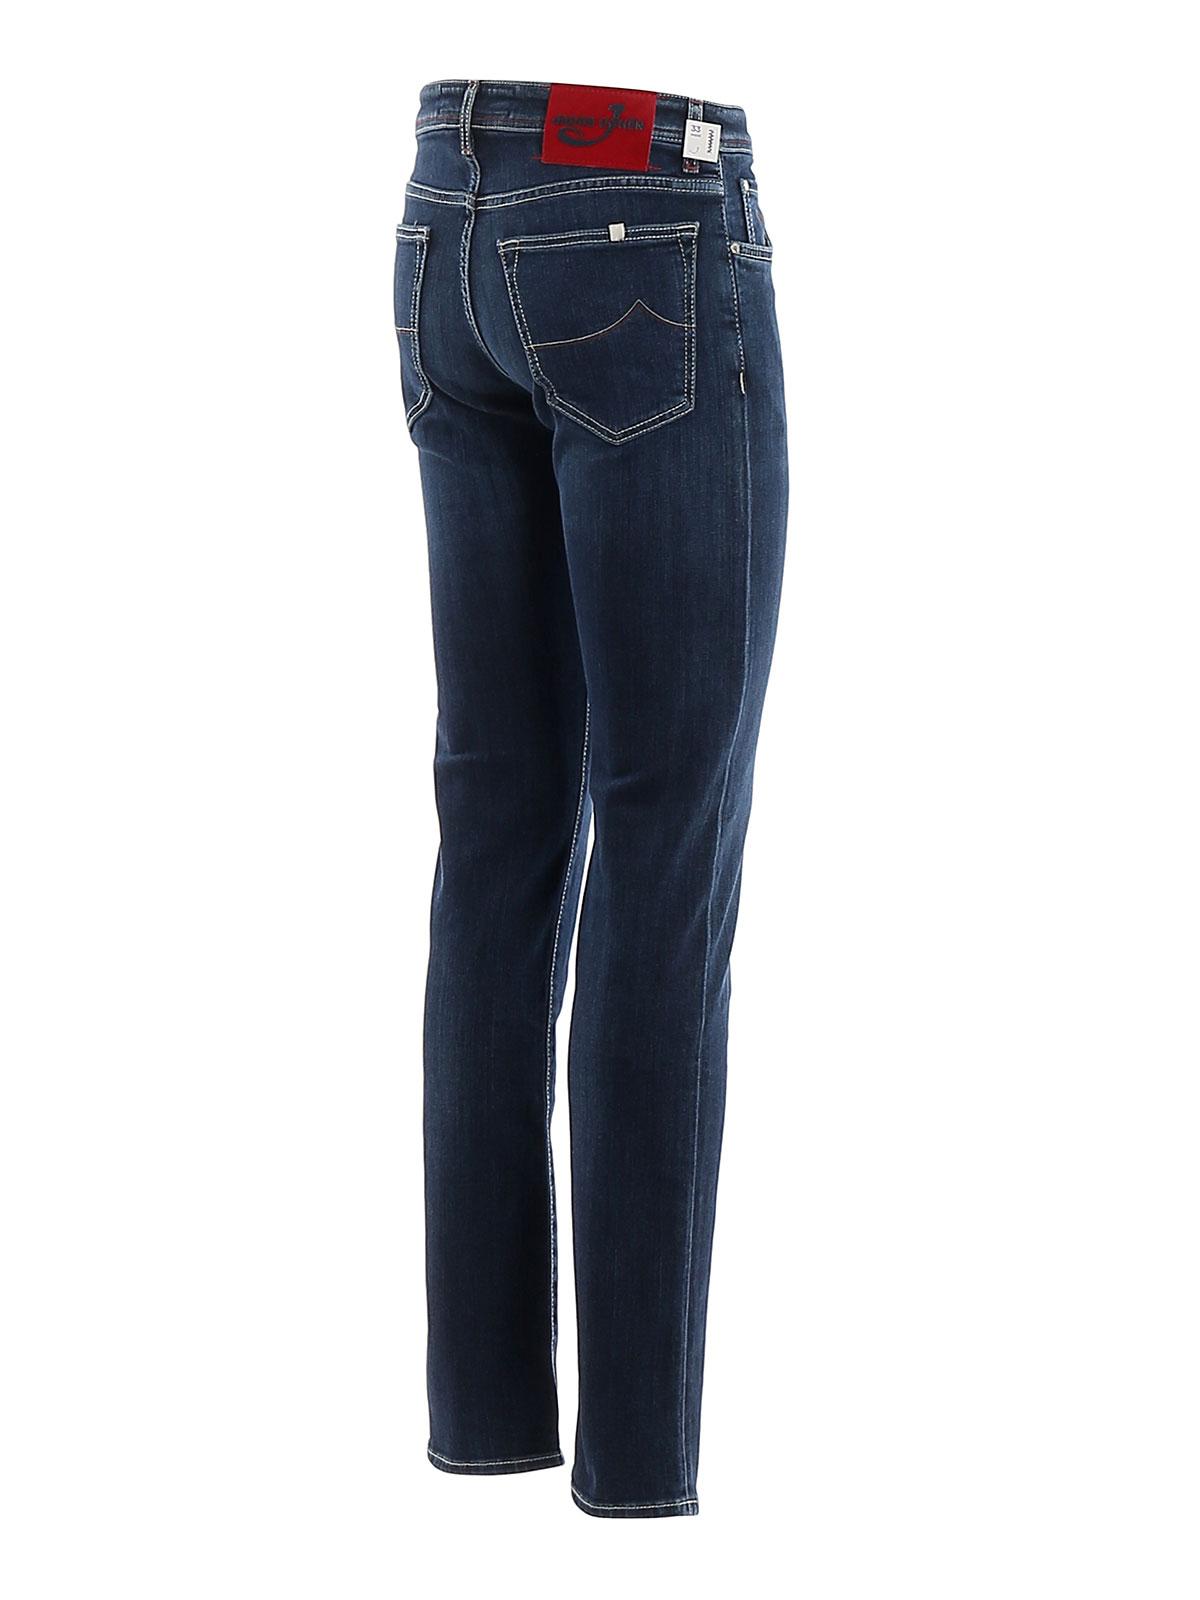 Immagine di JACOB COHEN | Jeans Uomo Style 688